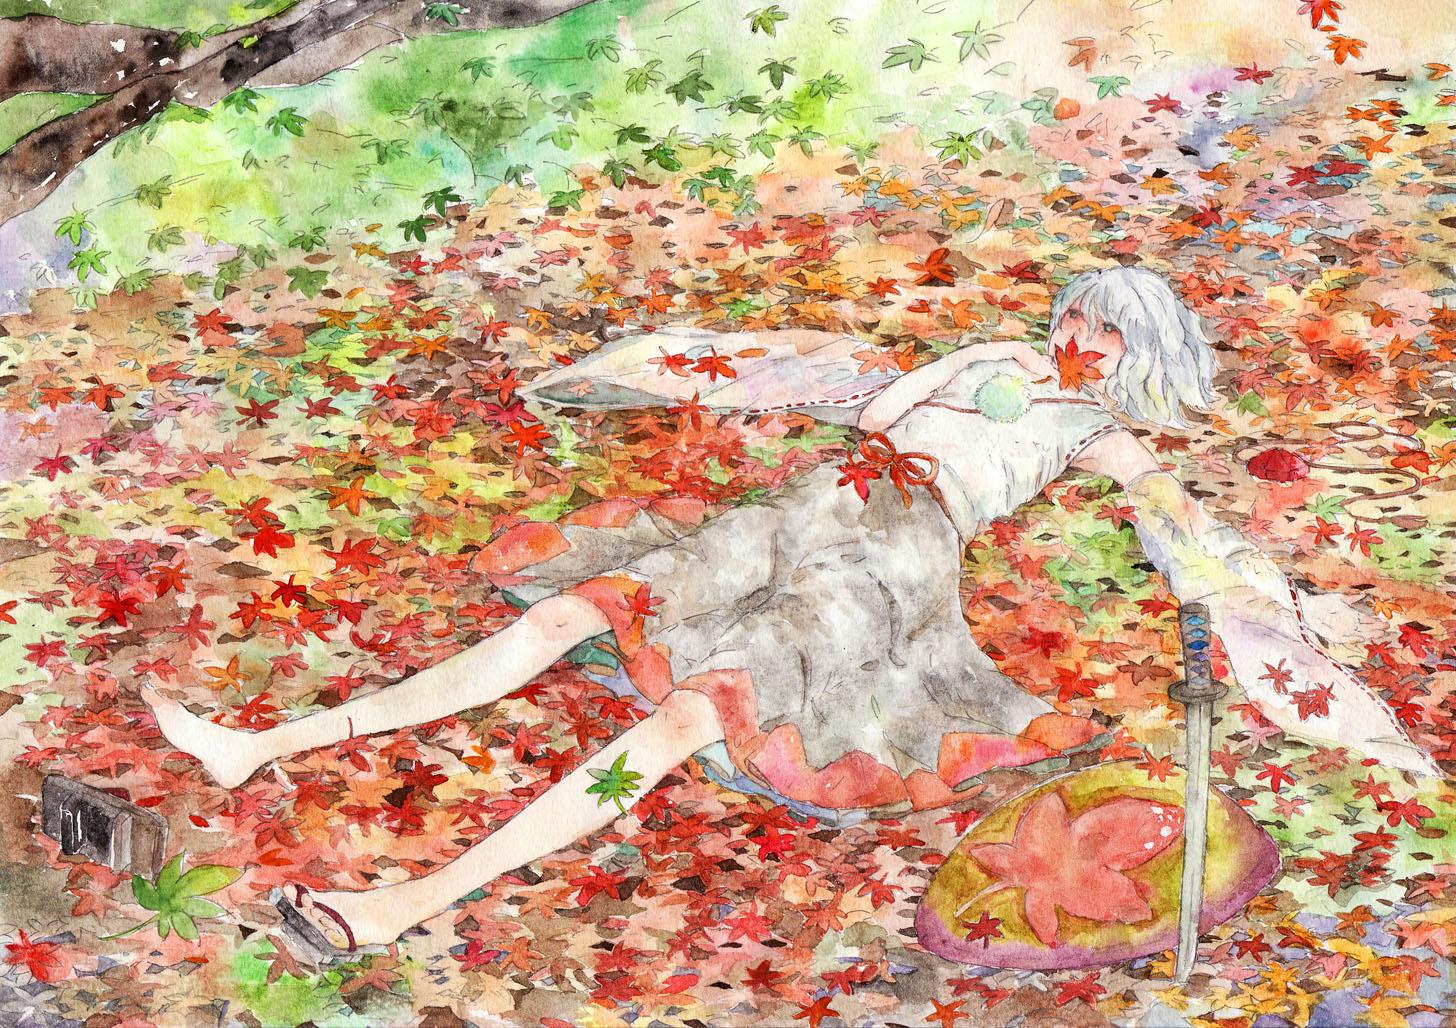 Фото Inubashiri Momiji / Инубашири Момидзи лежит на земле, усыпанной осеннимикленовыми листьями, из серии компьютерных игр Touhou Project / Проект Восток, by Konose